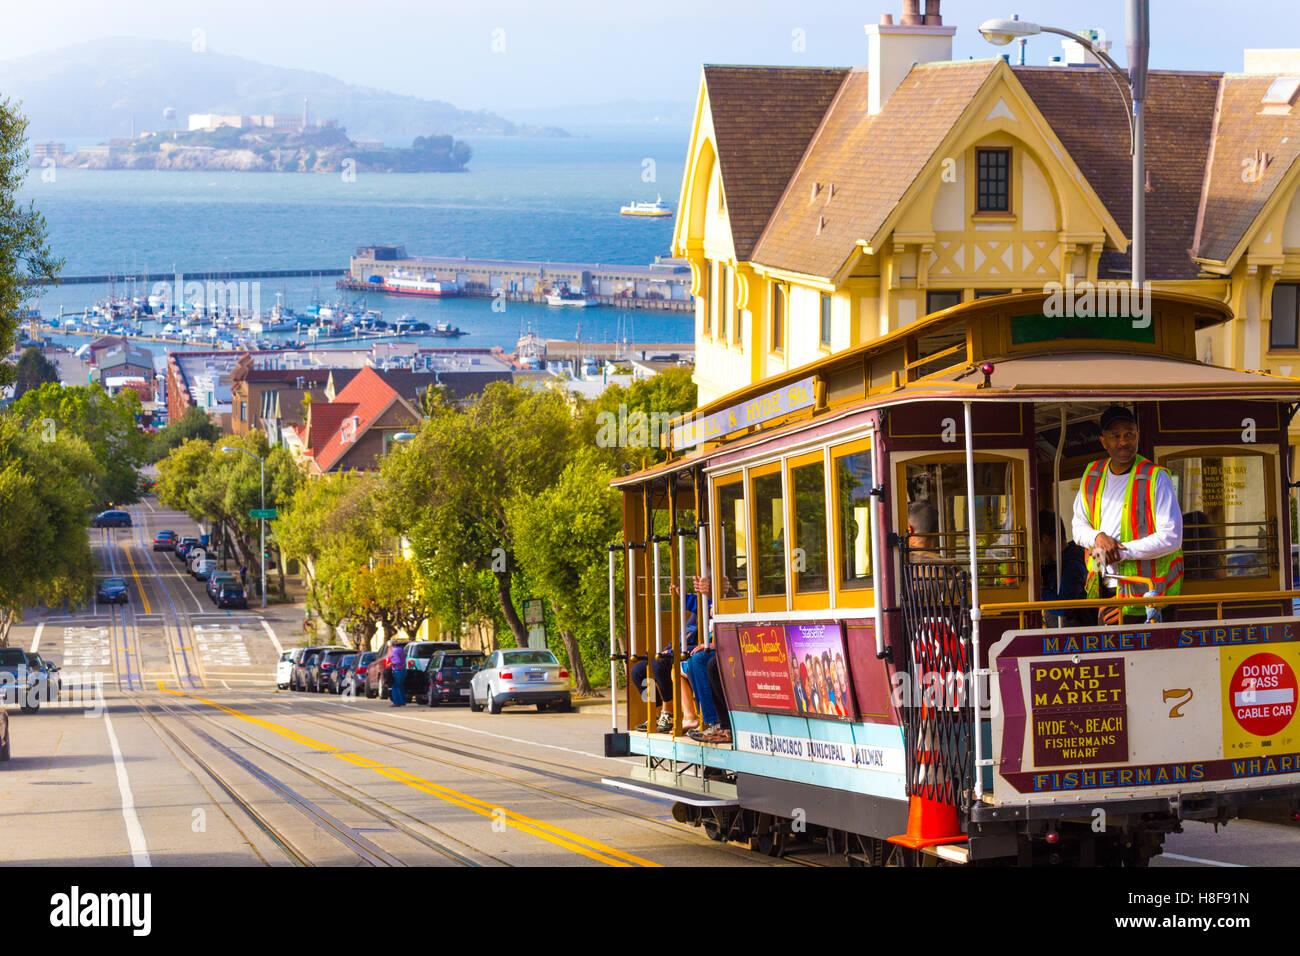 Bremser Appying Seilbahn Bremsen bergab auf einem steilen Hügel der Hyde Street mit herrlichem Blick auf Alcatraz Stockbild